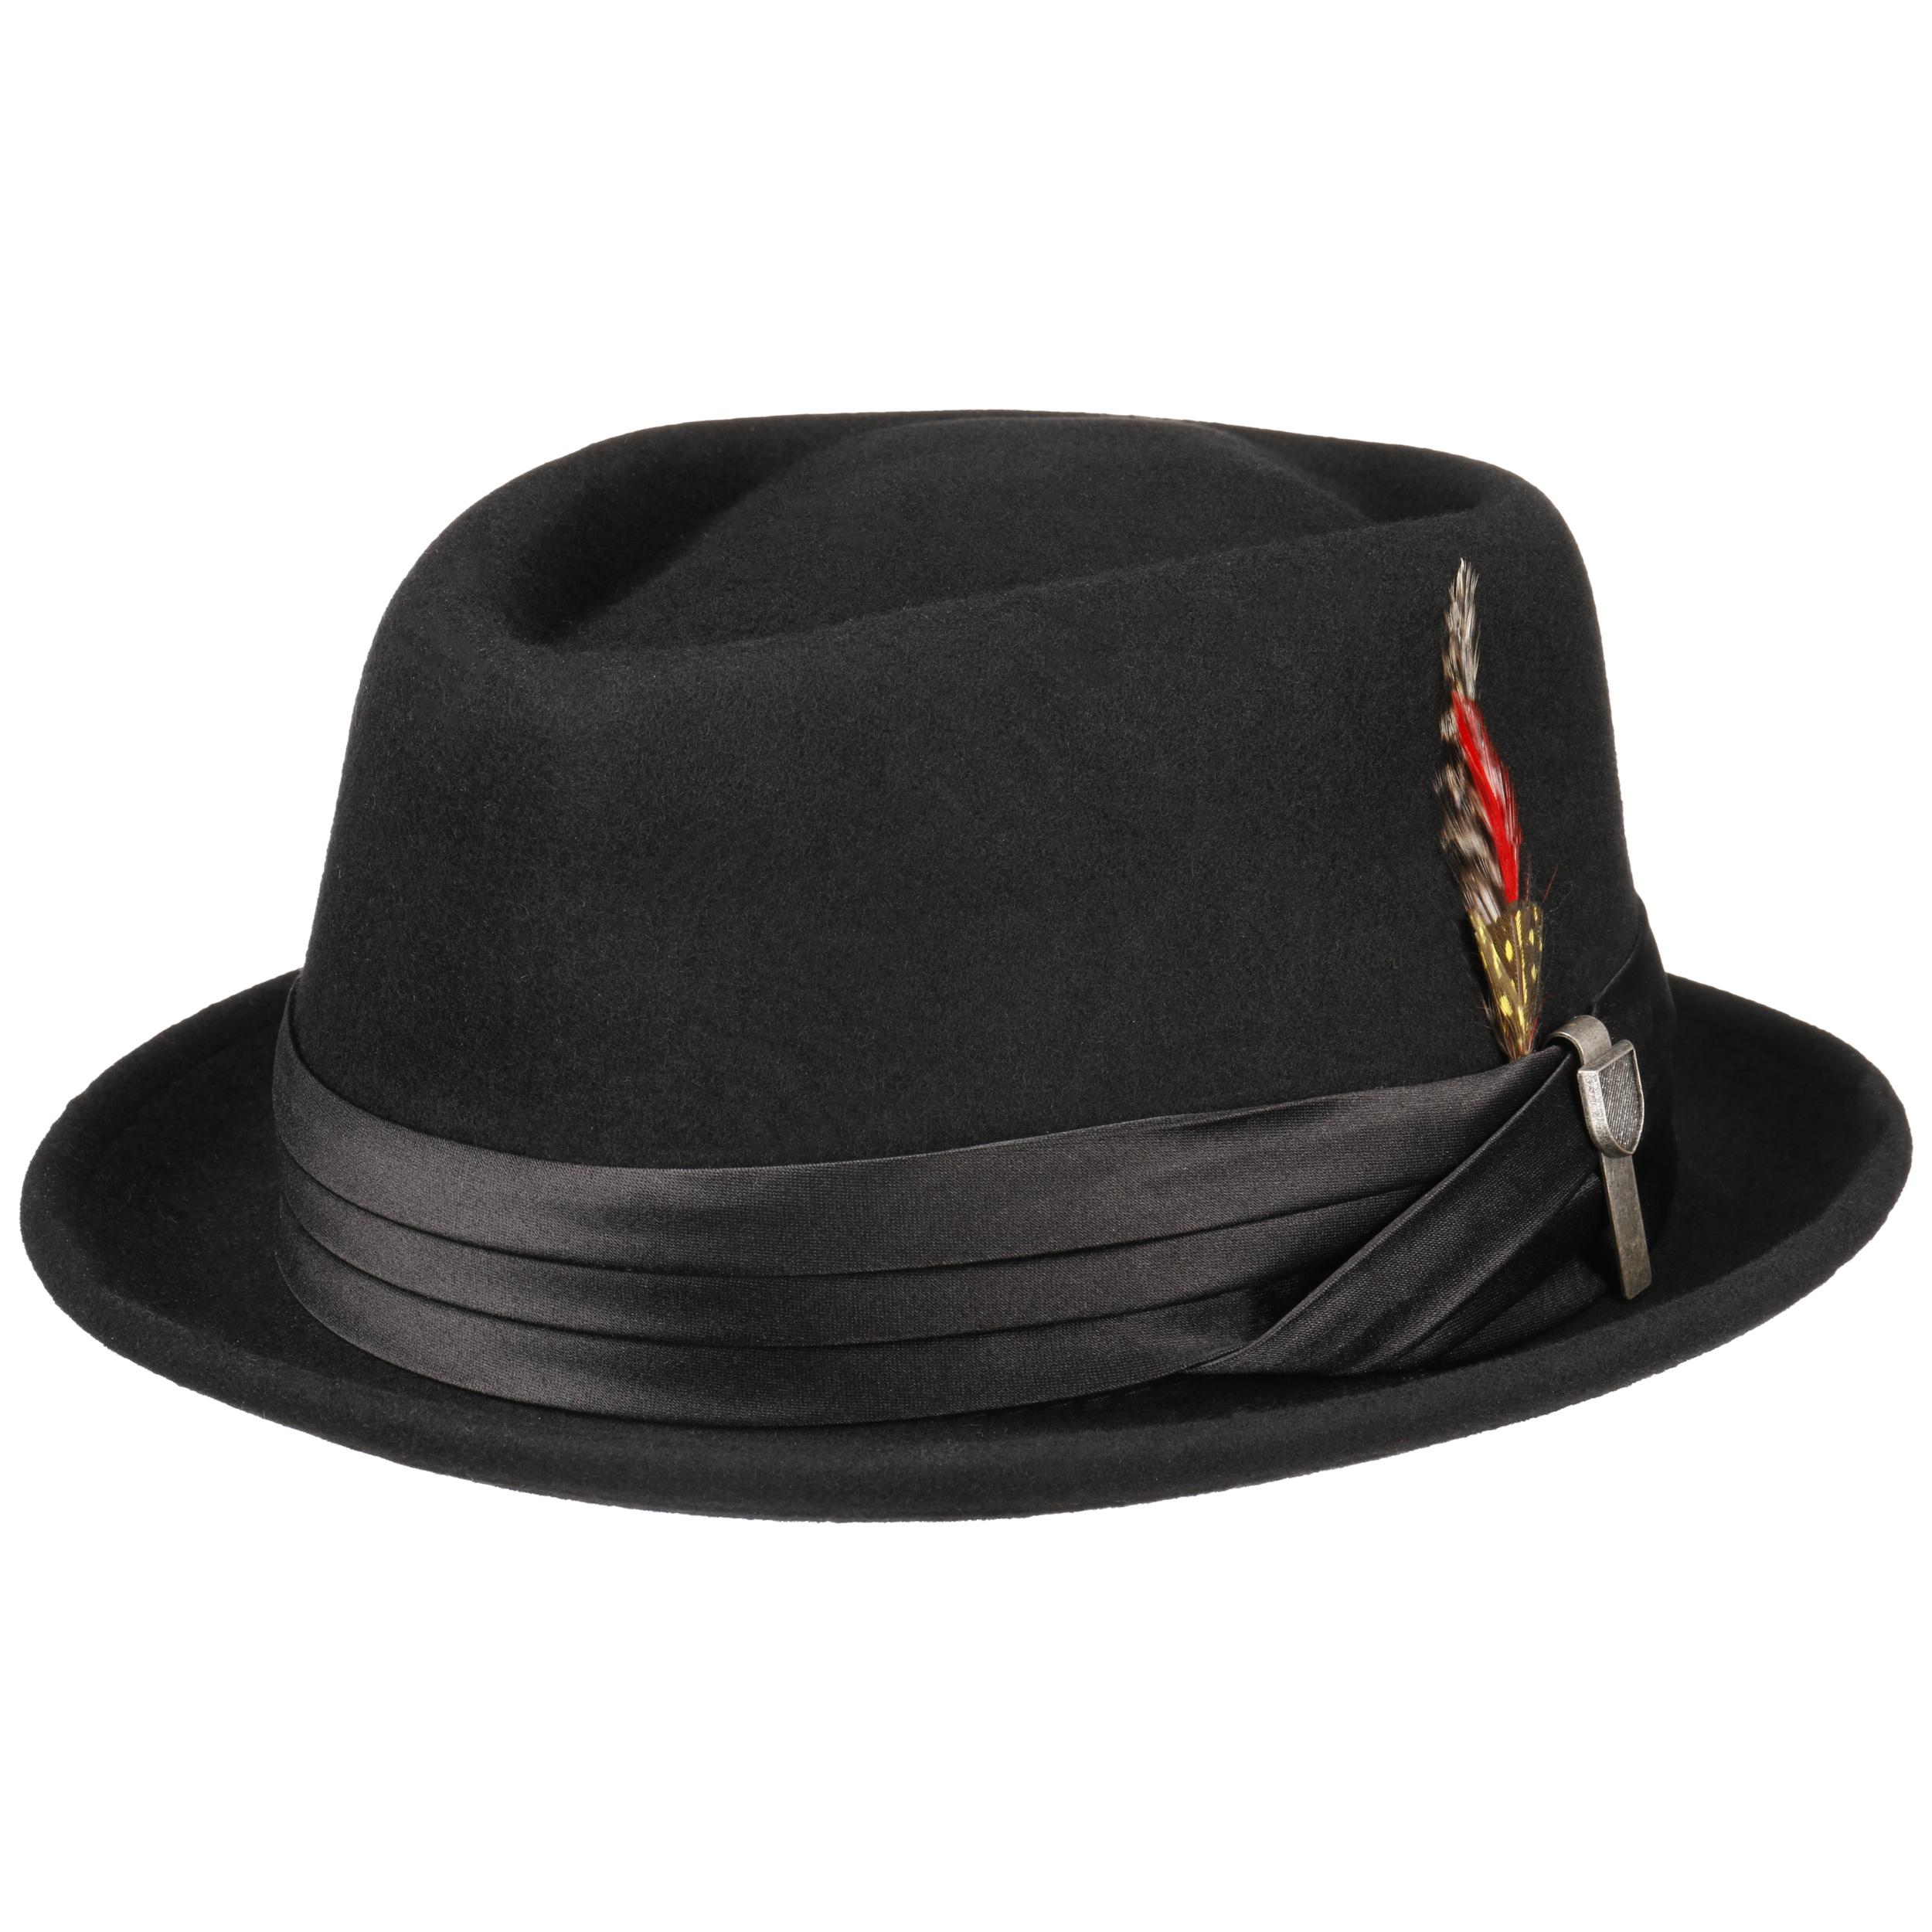 ba71ce038c1 ... Chapeau en Feutre Stout Pork Pie by Brixton - noir 7 ...